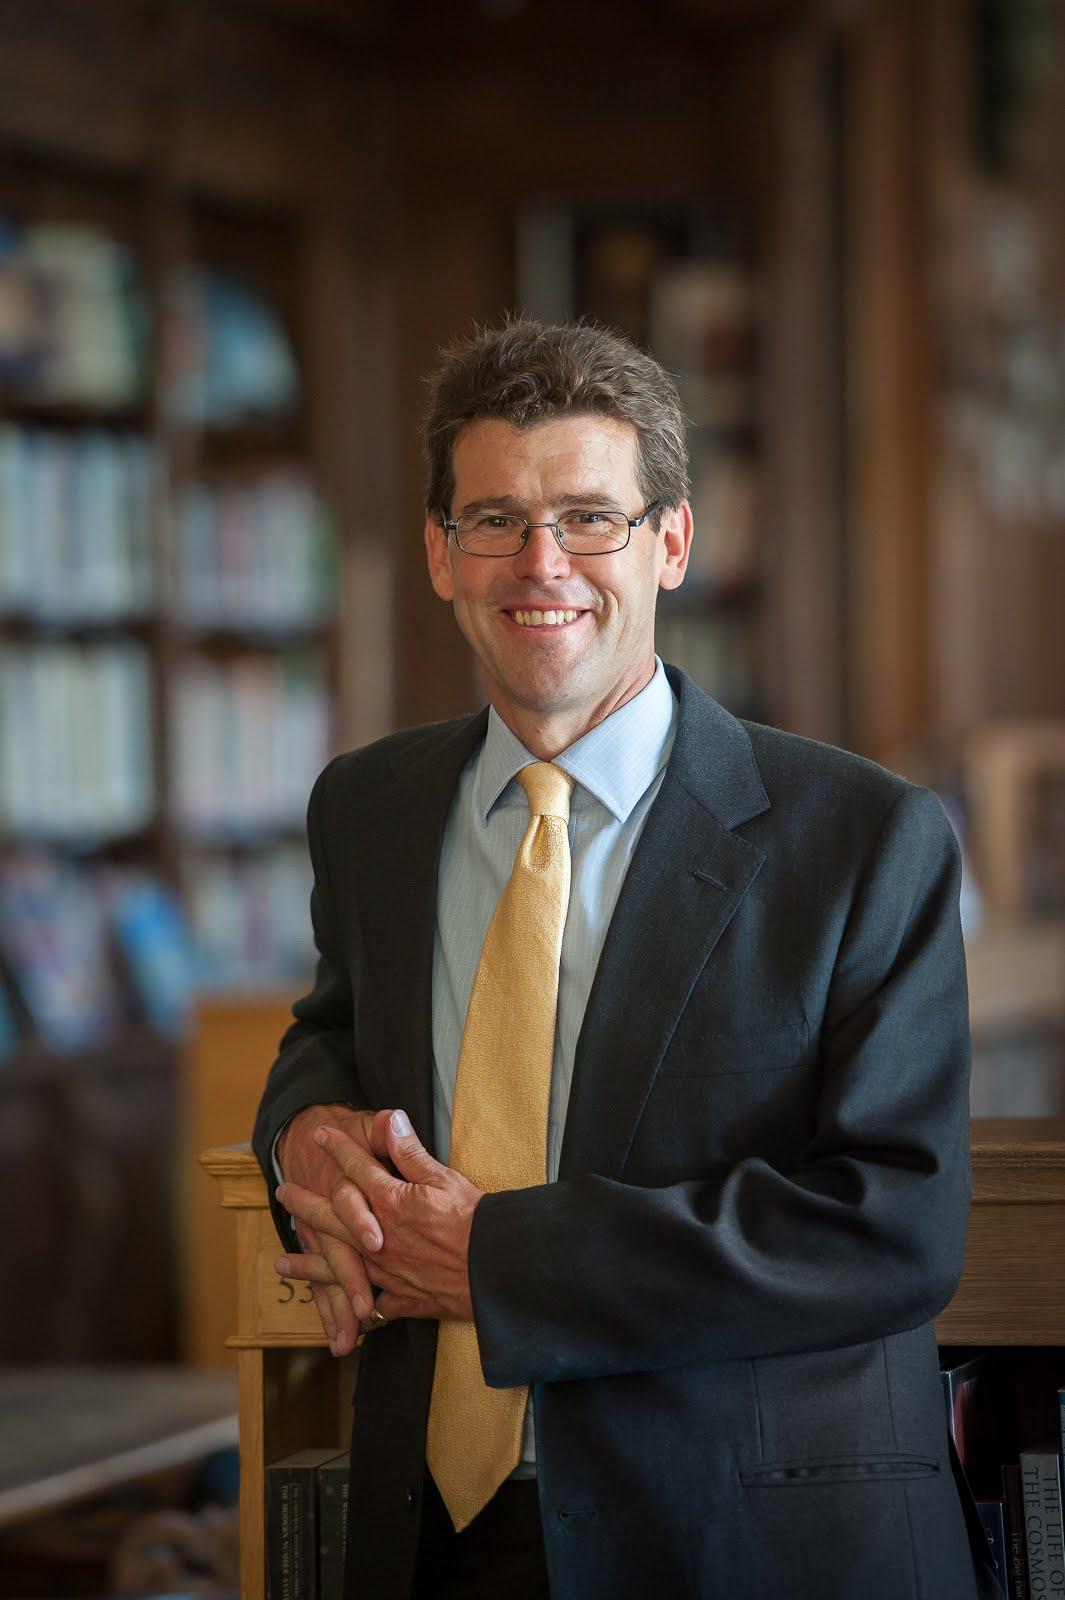 Ben Vessey - Headmaster